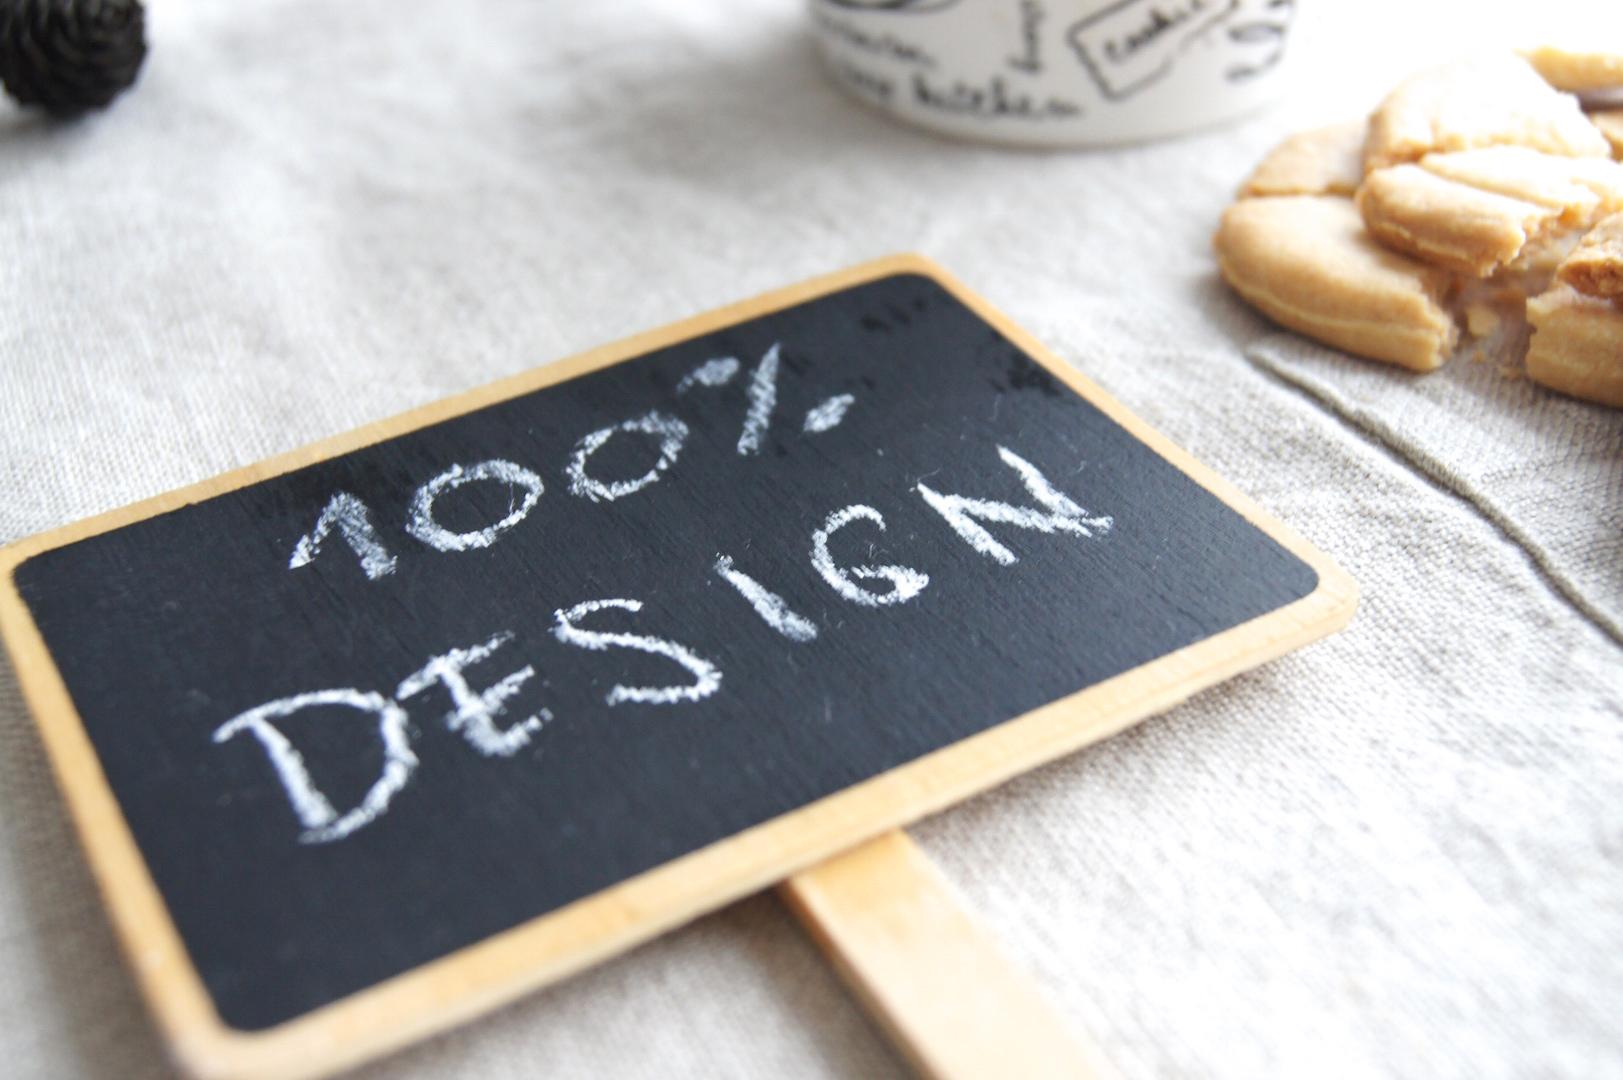 projektowanie wnętrz - nauka, doświadczenie, praca architekta wnętrz, umiejętności, jak zostać projektantem wnętrz, praca projektanta wnętrz, architekt wnętrz od kuchni